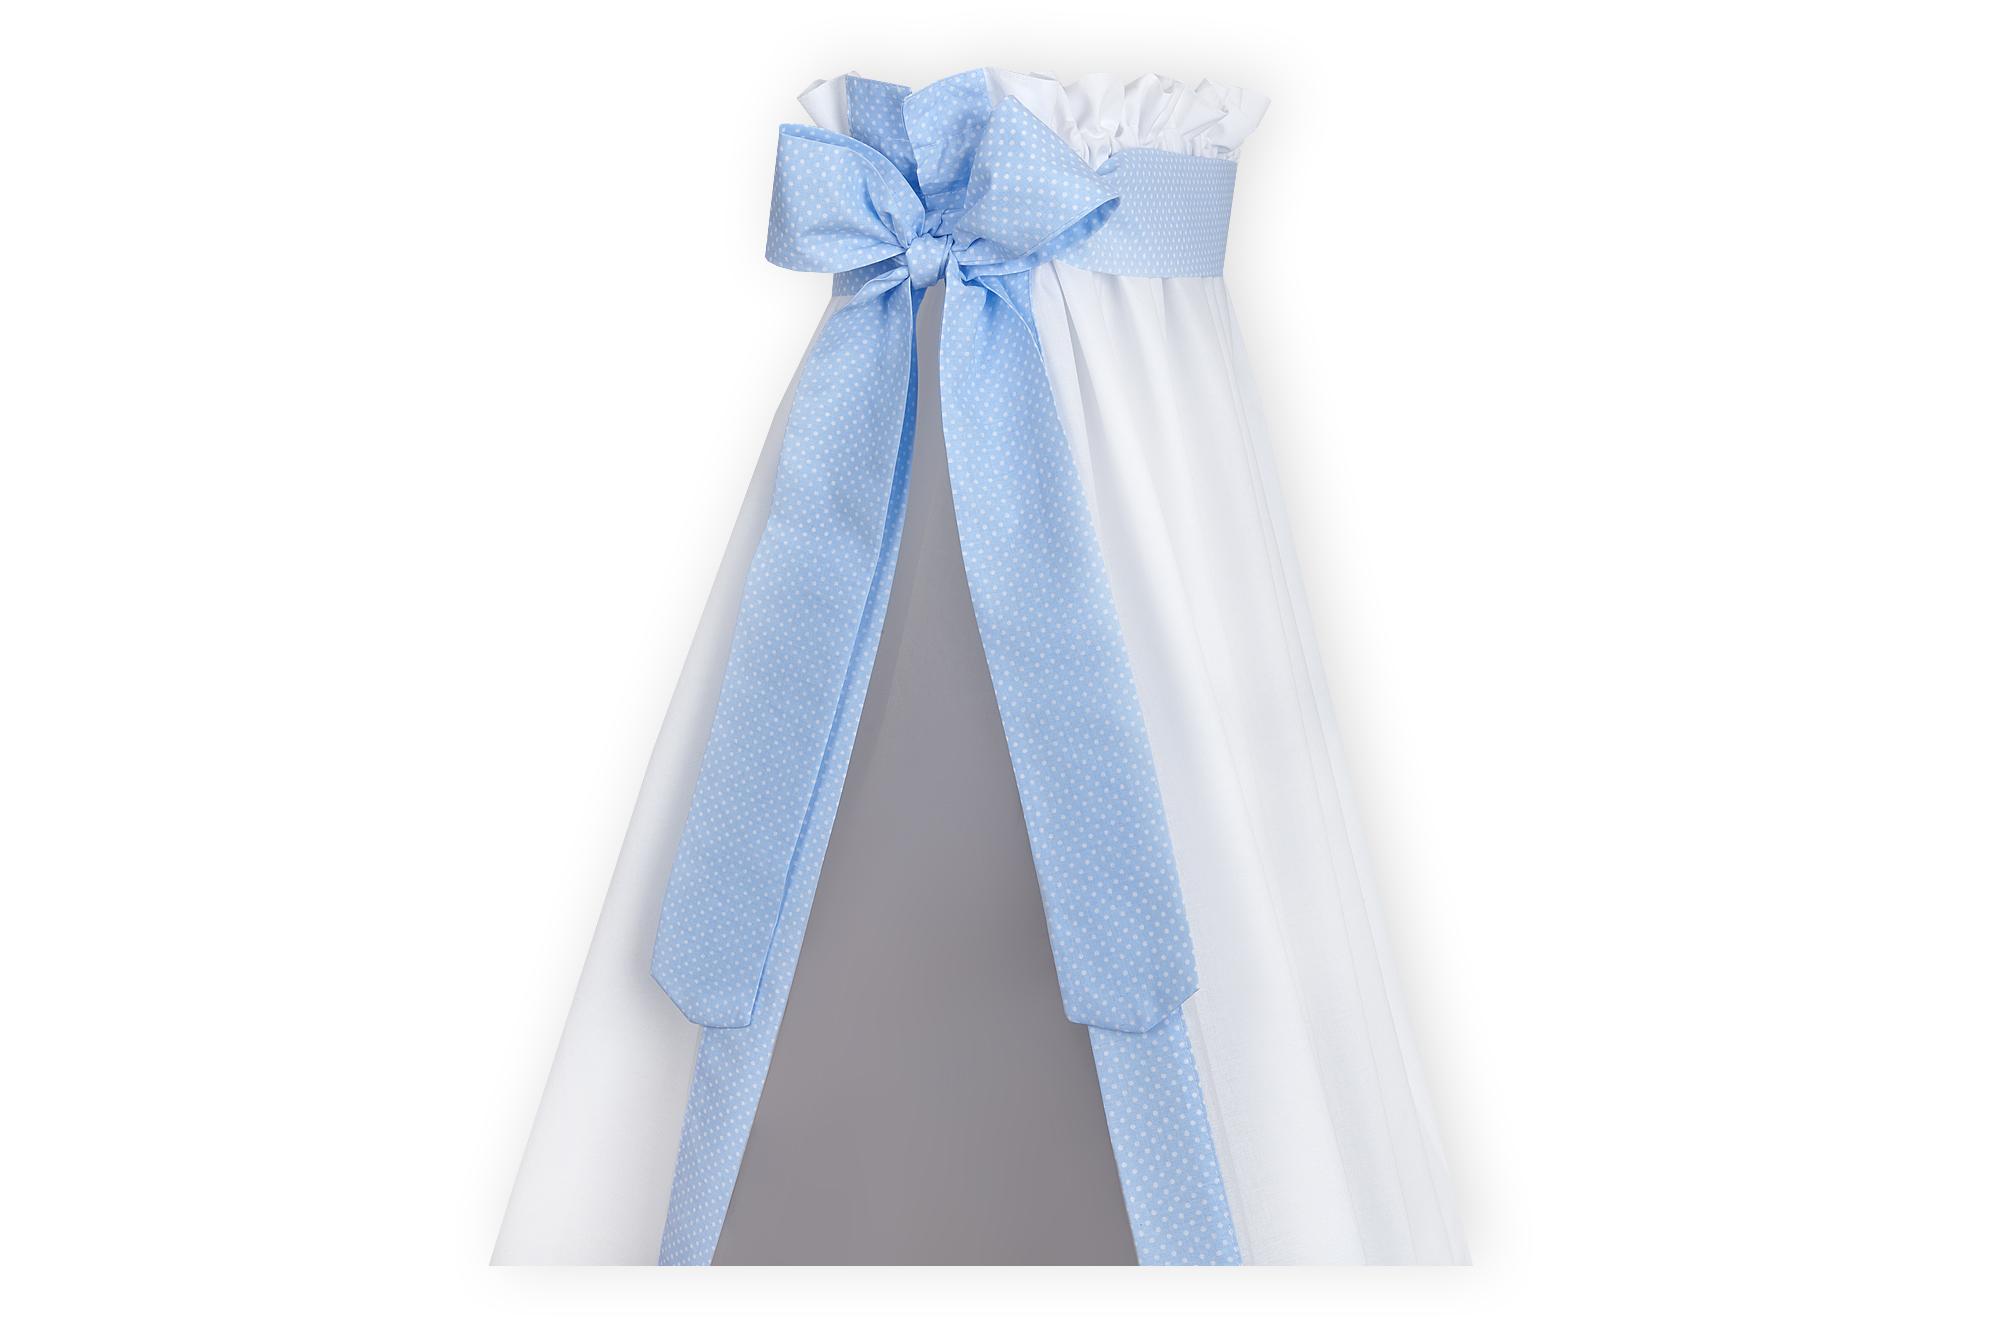 KraftKids Betthimmel weiße Punkte auf Hellblau